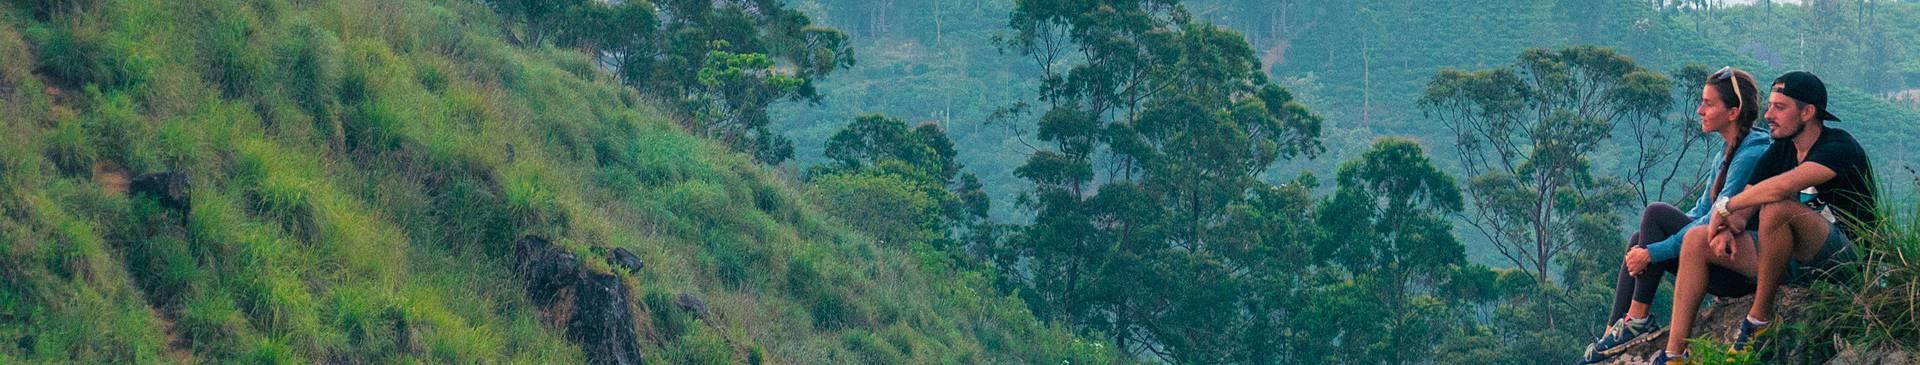 Trekking en Sri Lanka